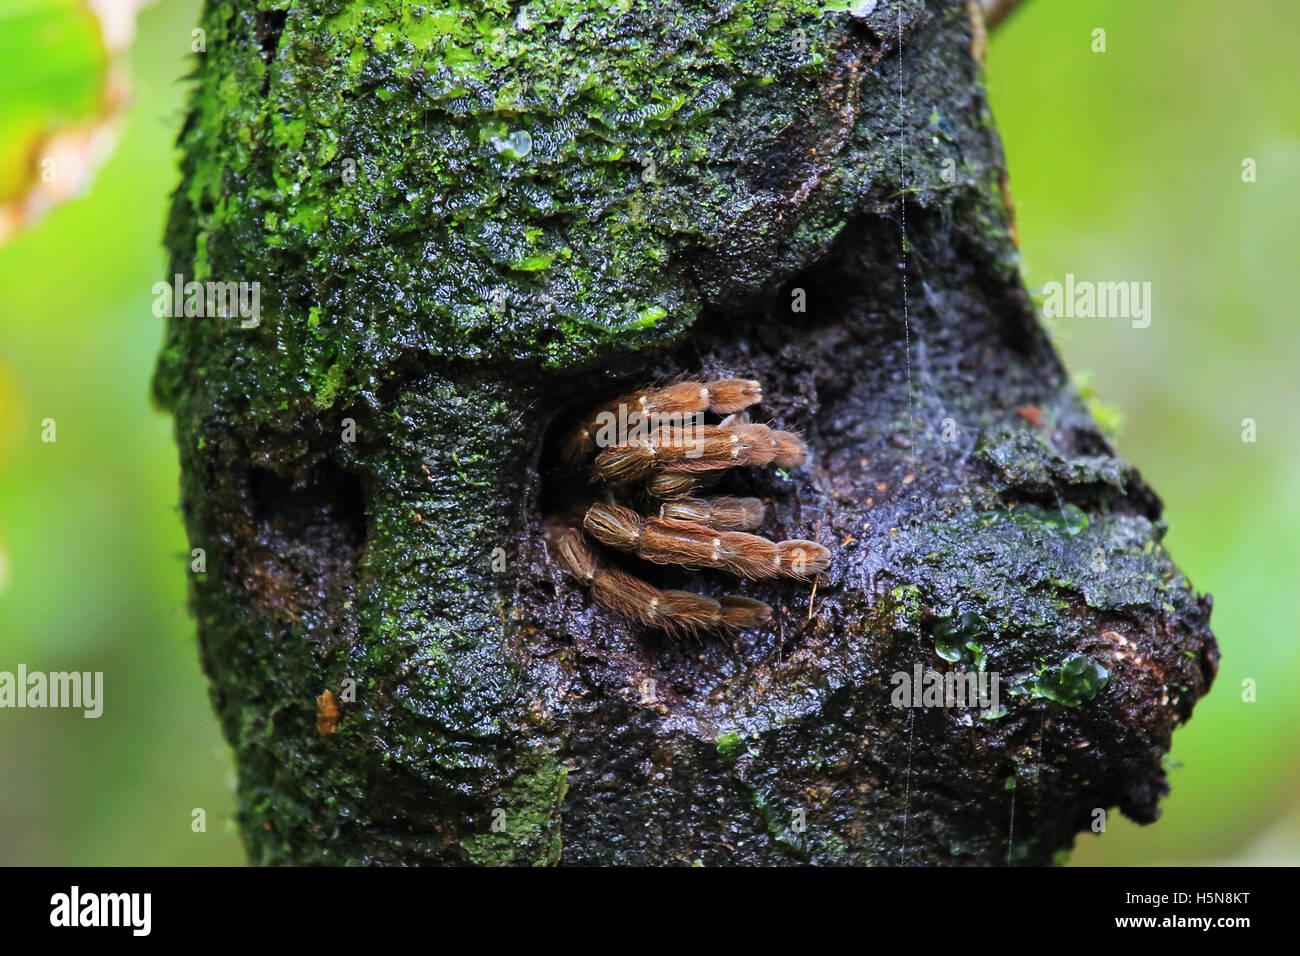 Vogelspinne in Loch im Baumstamm versteckt. Tropischer Regenwald, Nationalpark Tortuguero, Costa Rica. Stockbild